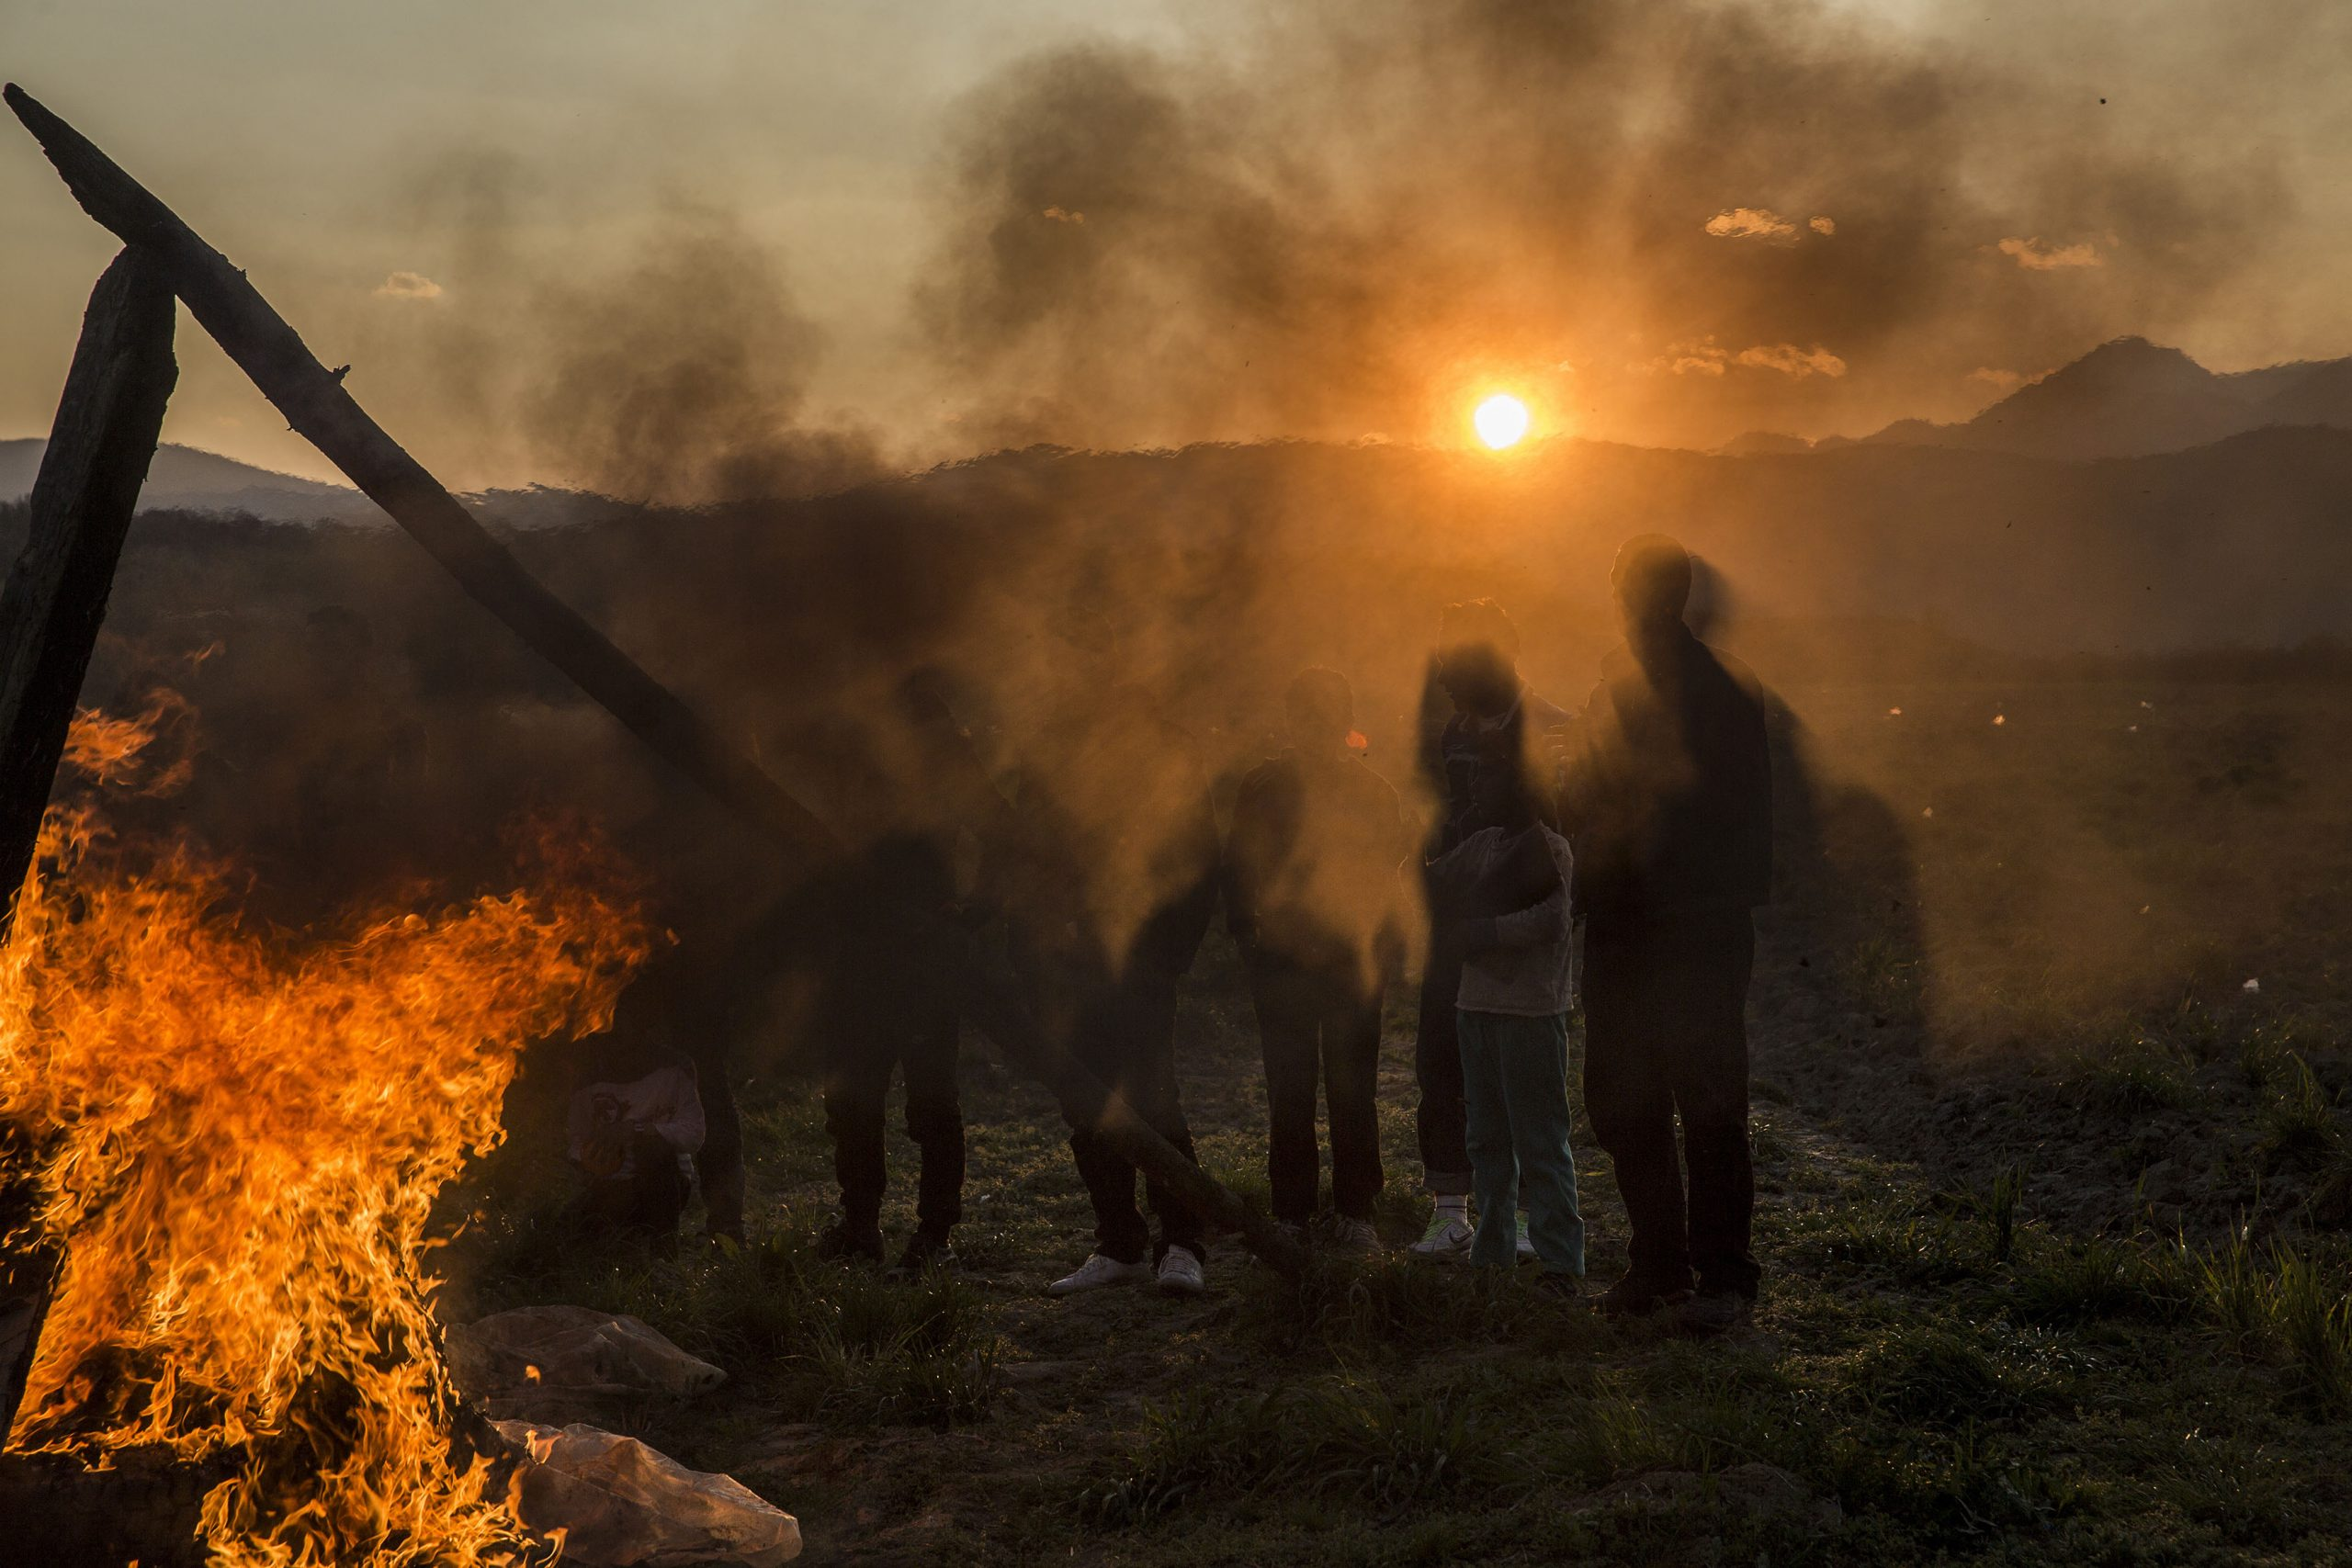 Some Kurdish refugees celebrating the Newroz, the Kurdish new year. Idomeni, 20/03/2016